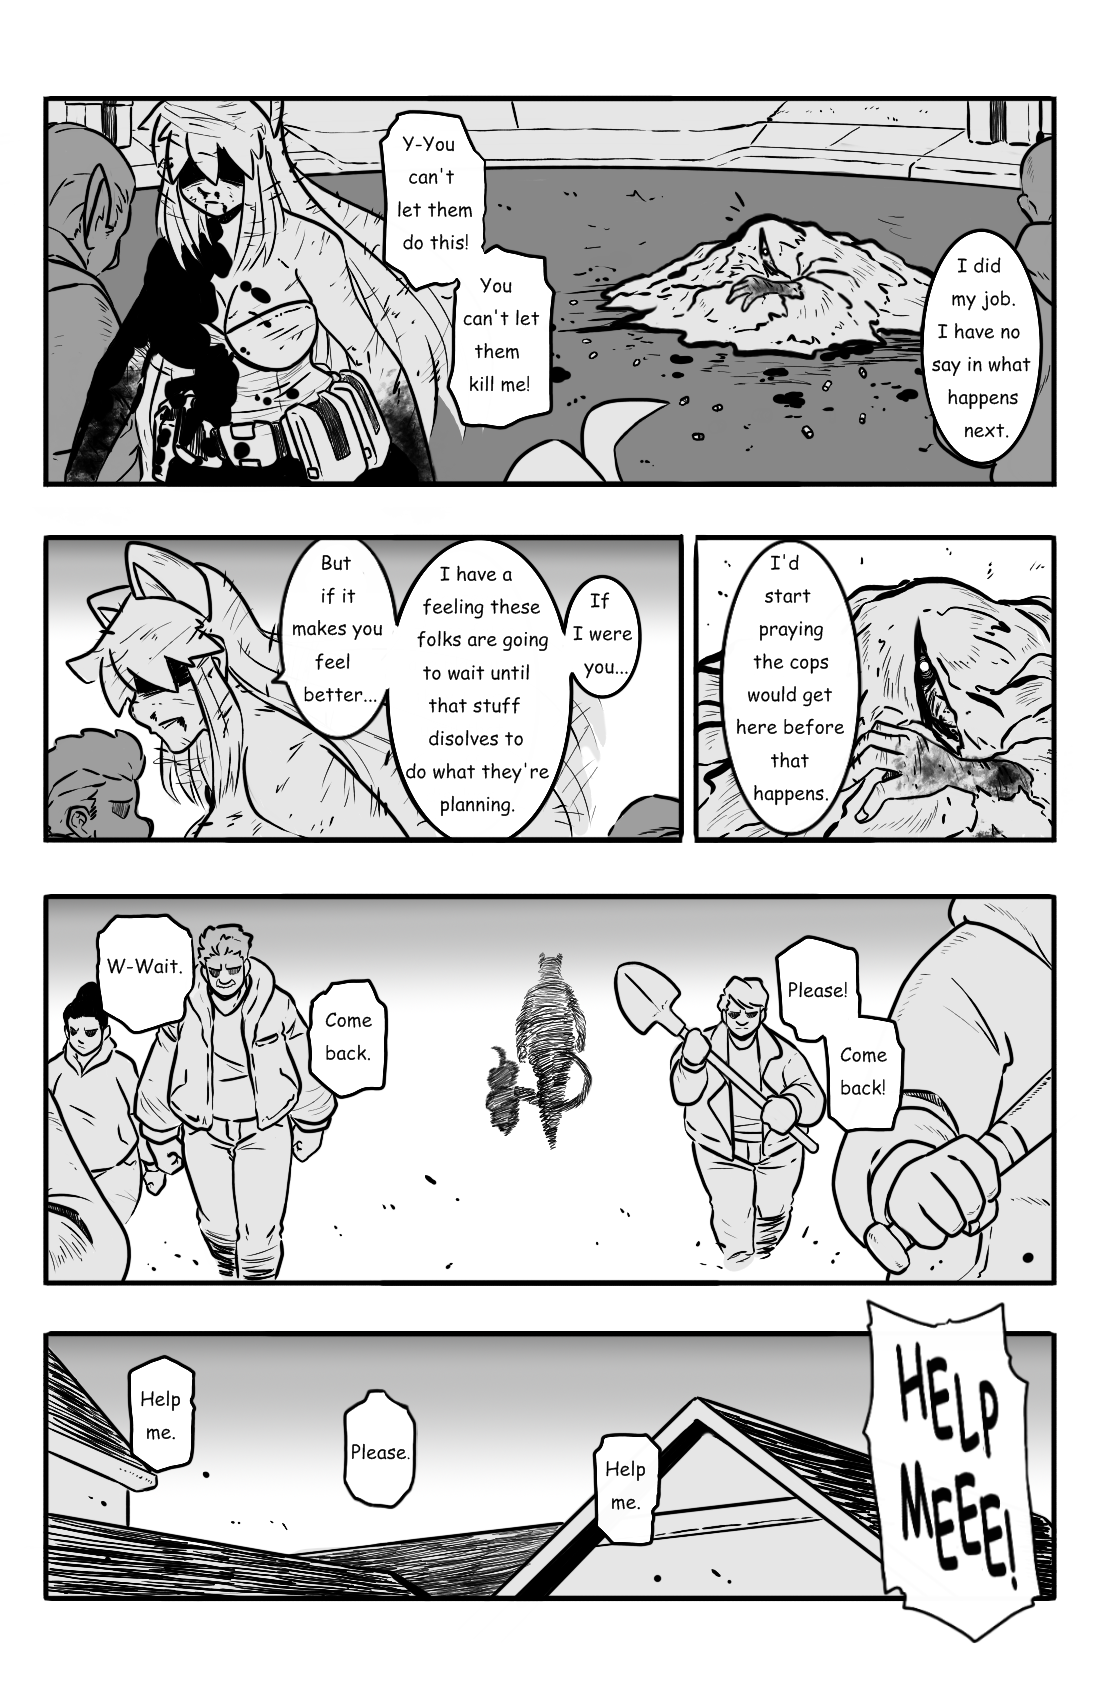 Bad Moon Rising Part 2 pg.52